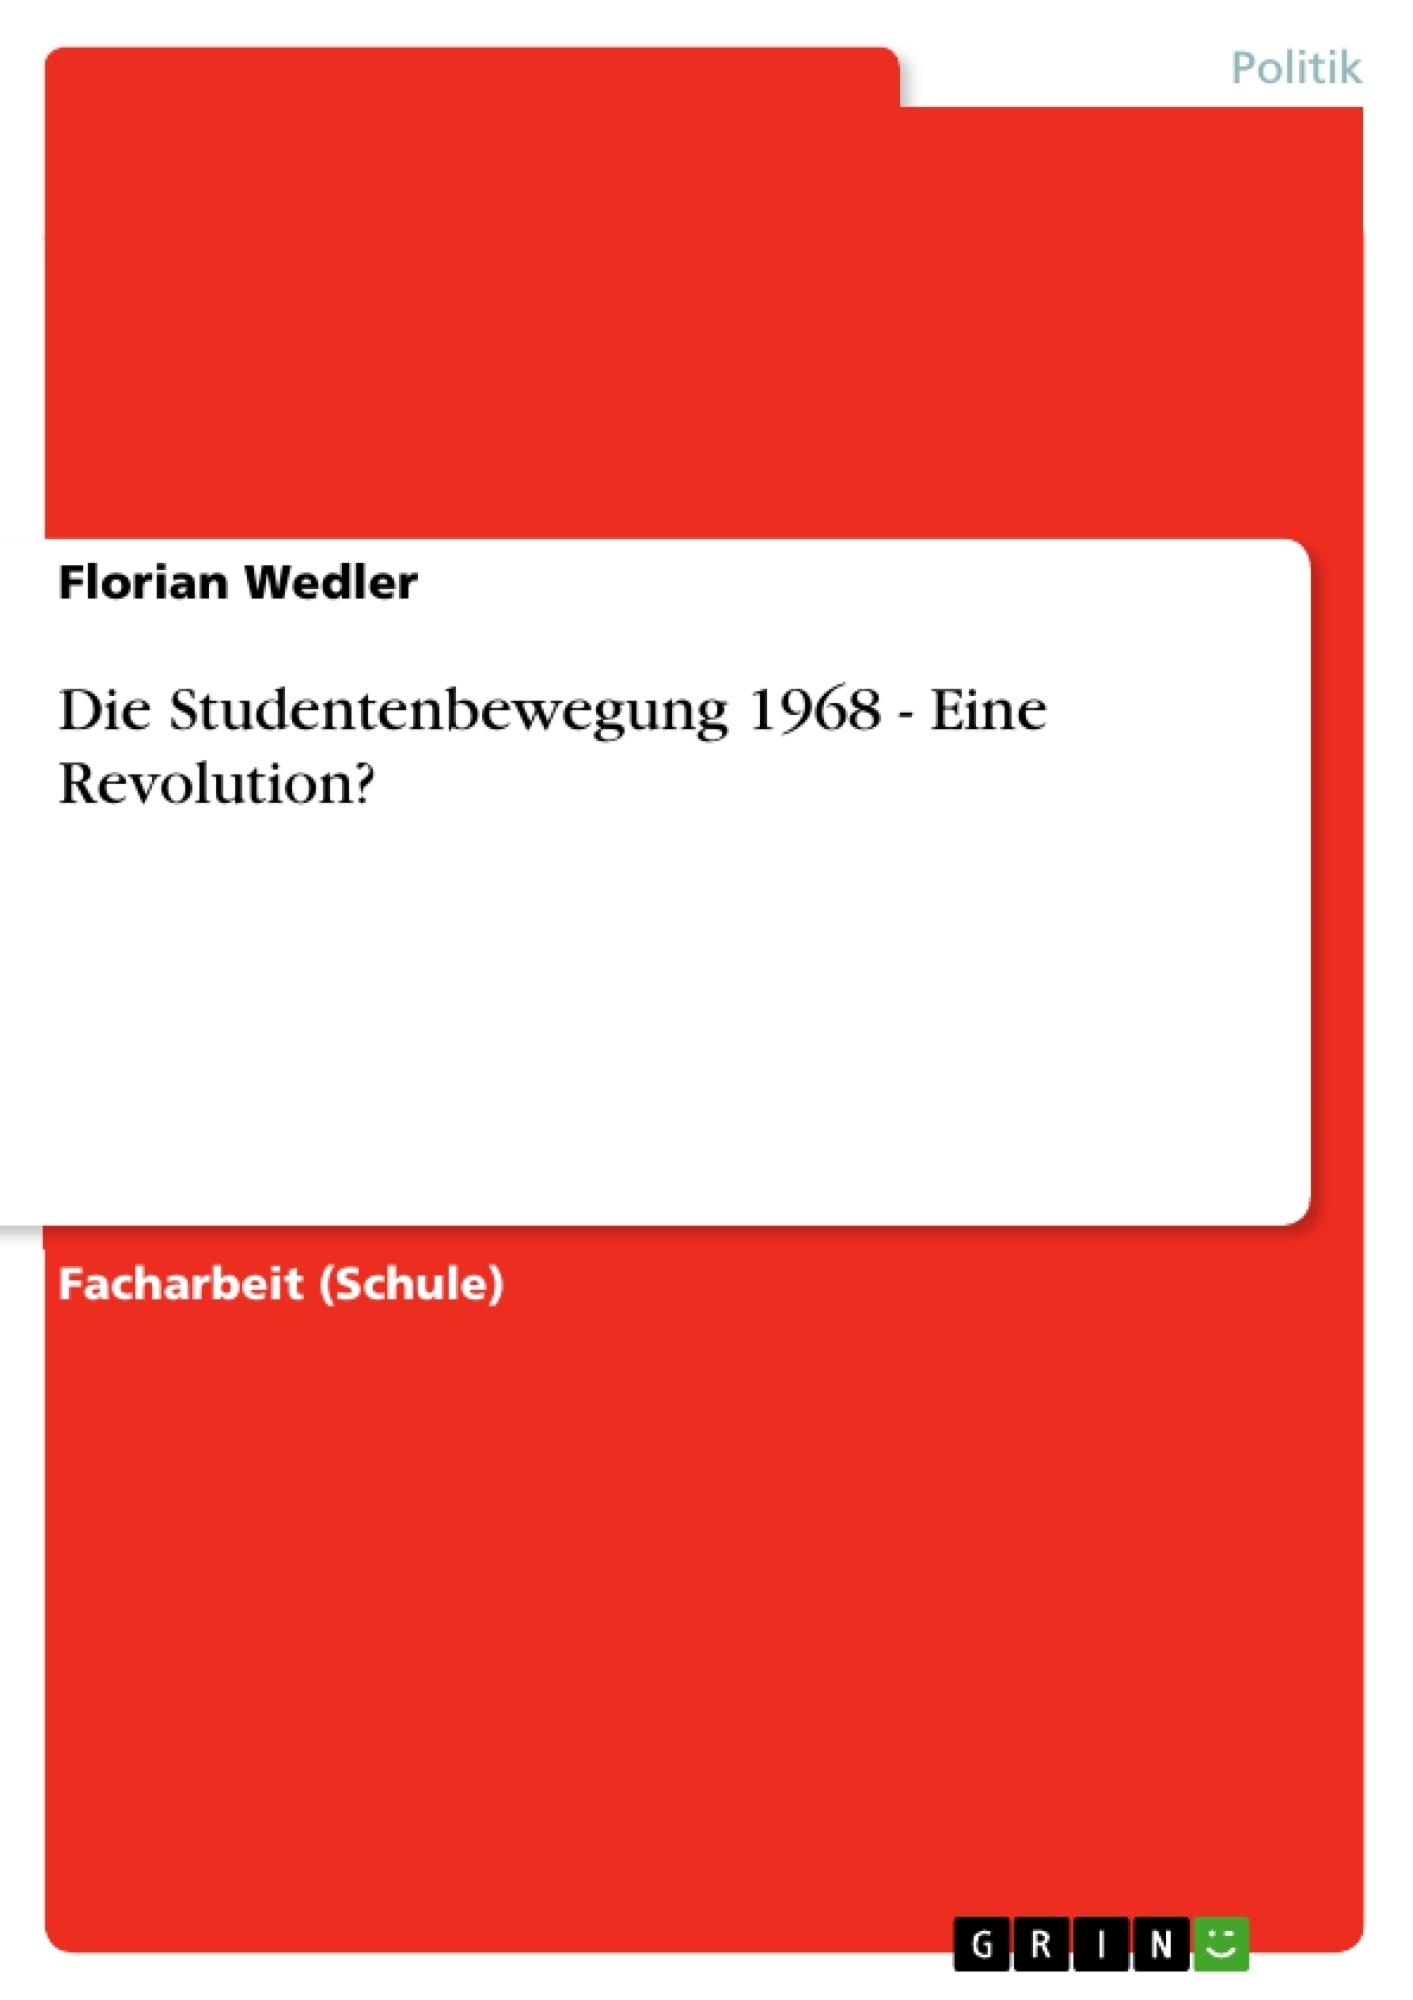 Titel: Die Studentenbewegung 1968 - Eine Revolution?